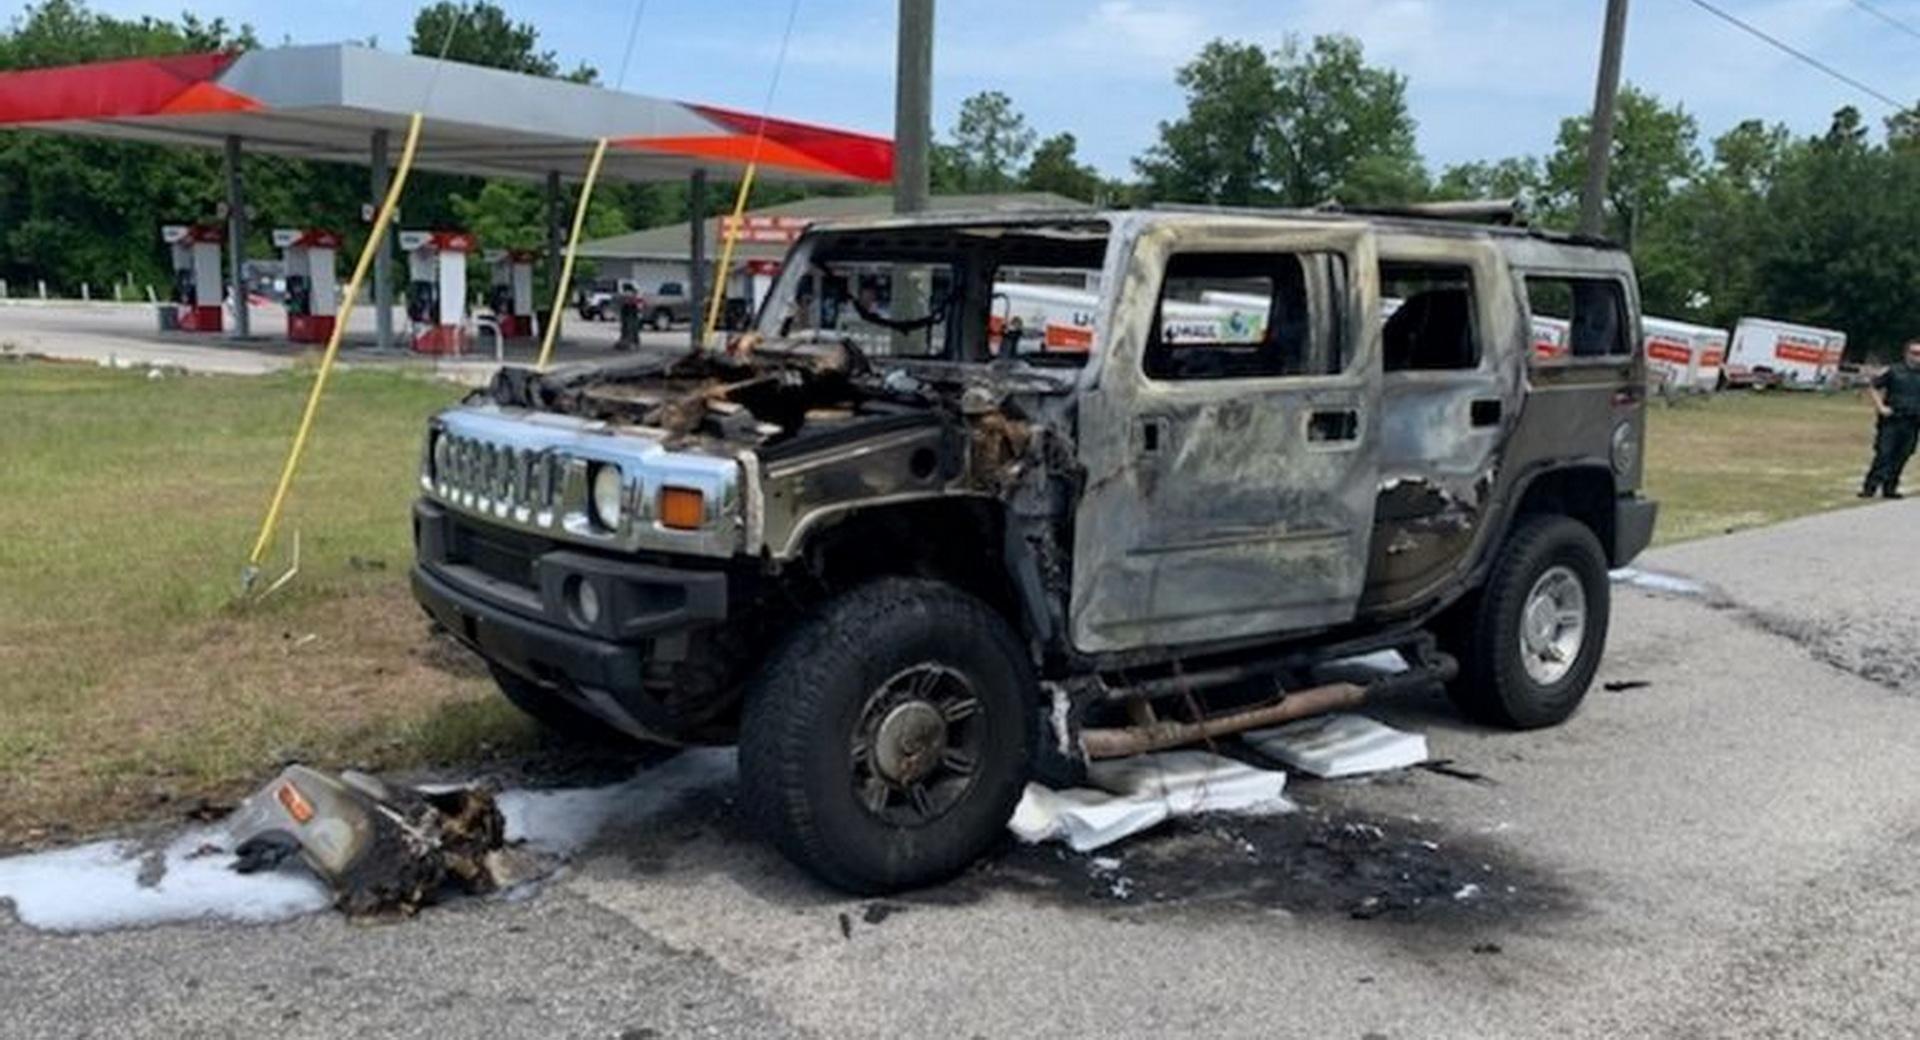 Kiégett egy benzingyűjtő autója Floridában 2